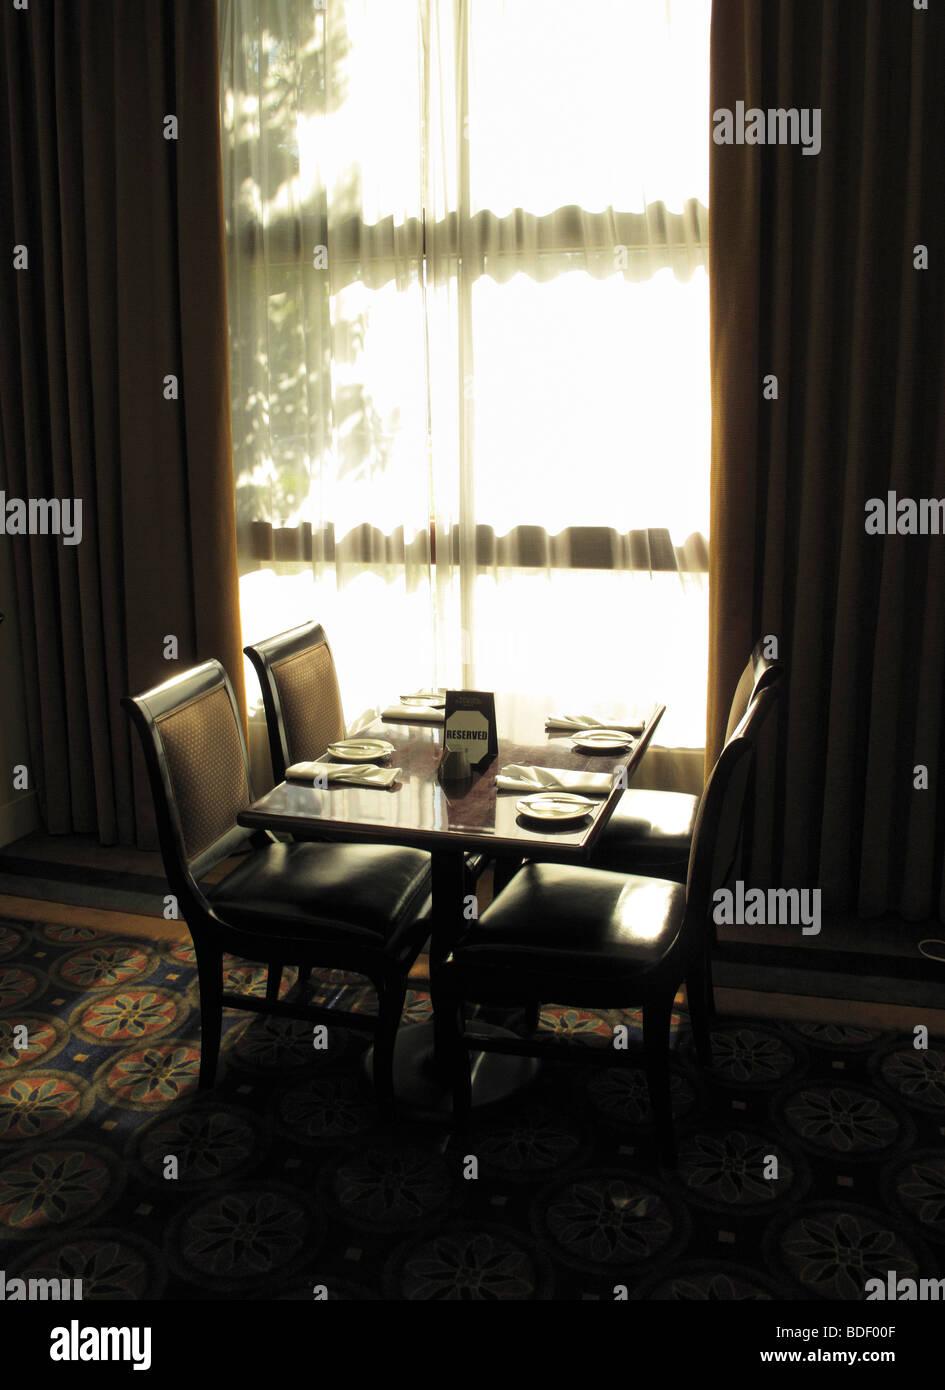 American Diner Interior Stockfotos & American Diner Interior Bilder ...